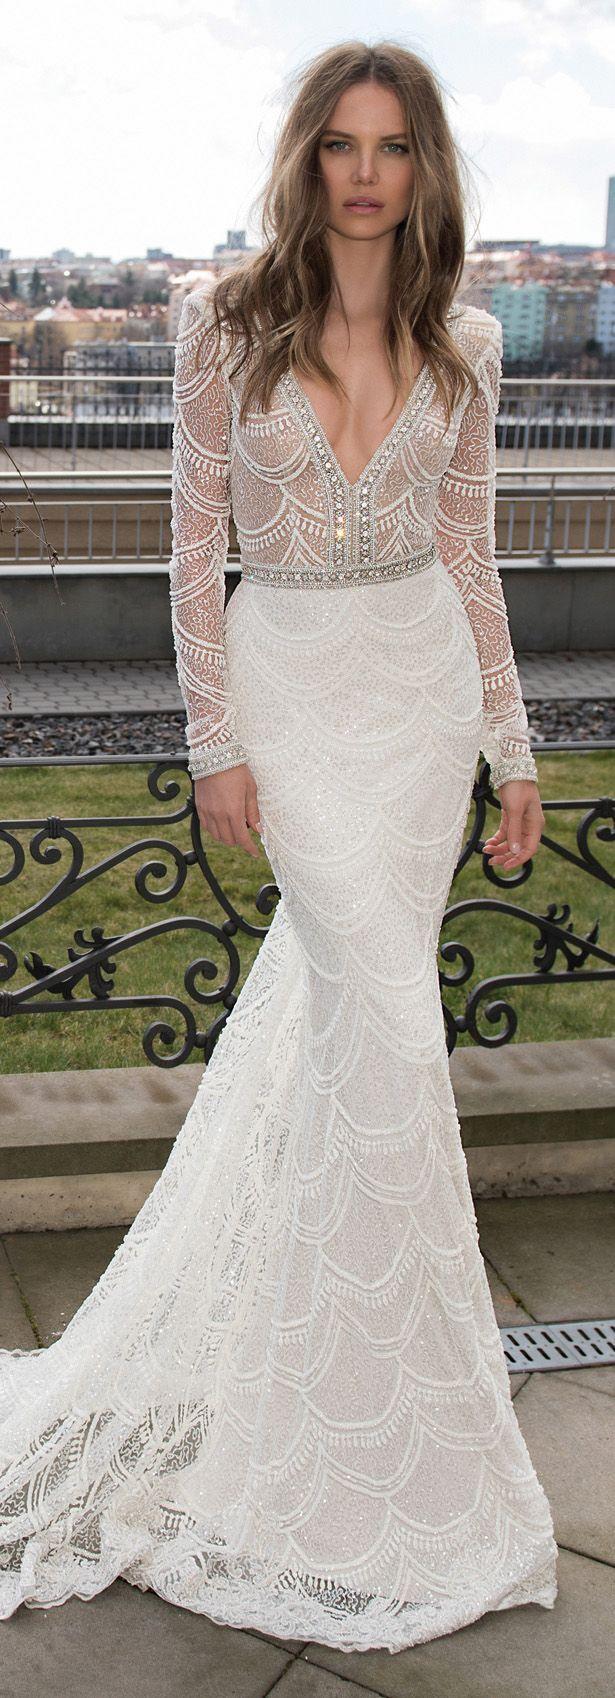 bridal dress hochzeitskleider günstig mieten 5 besten